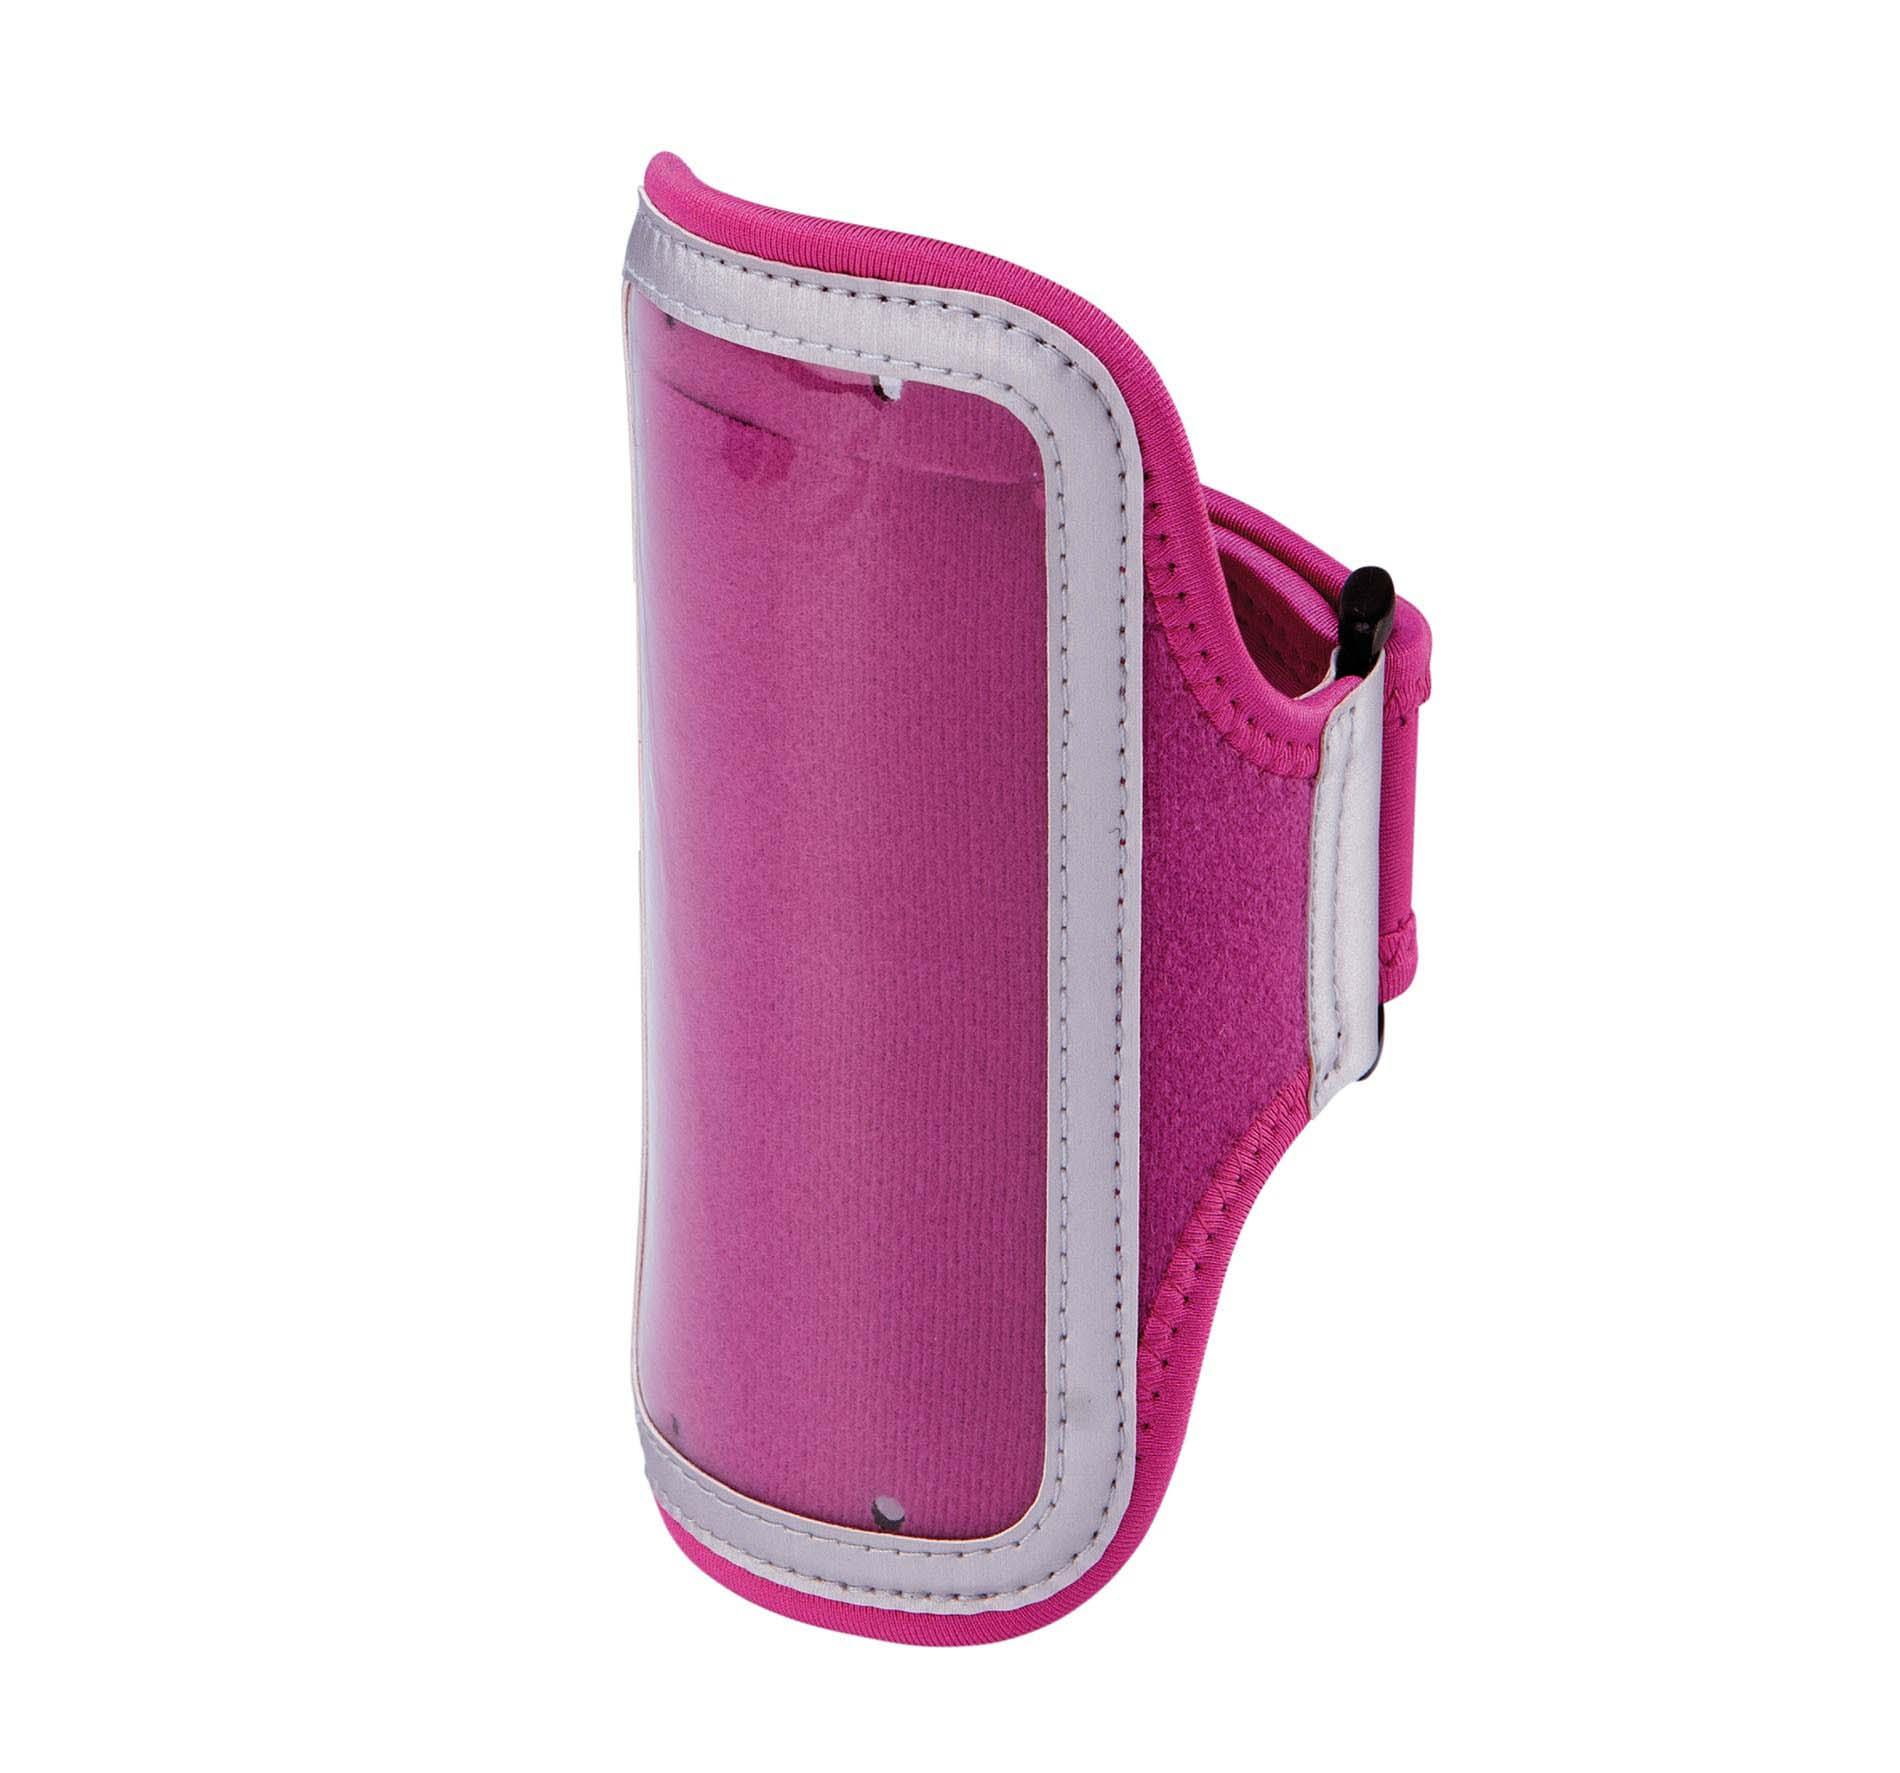 Porta cellulare da braccio confezioni cleopatra - Porta ipod da braccio ...